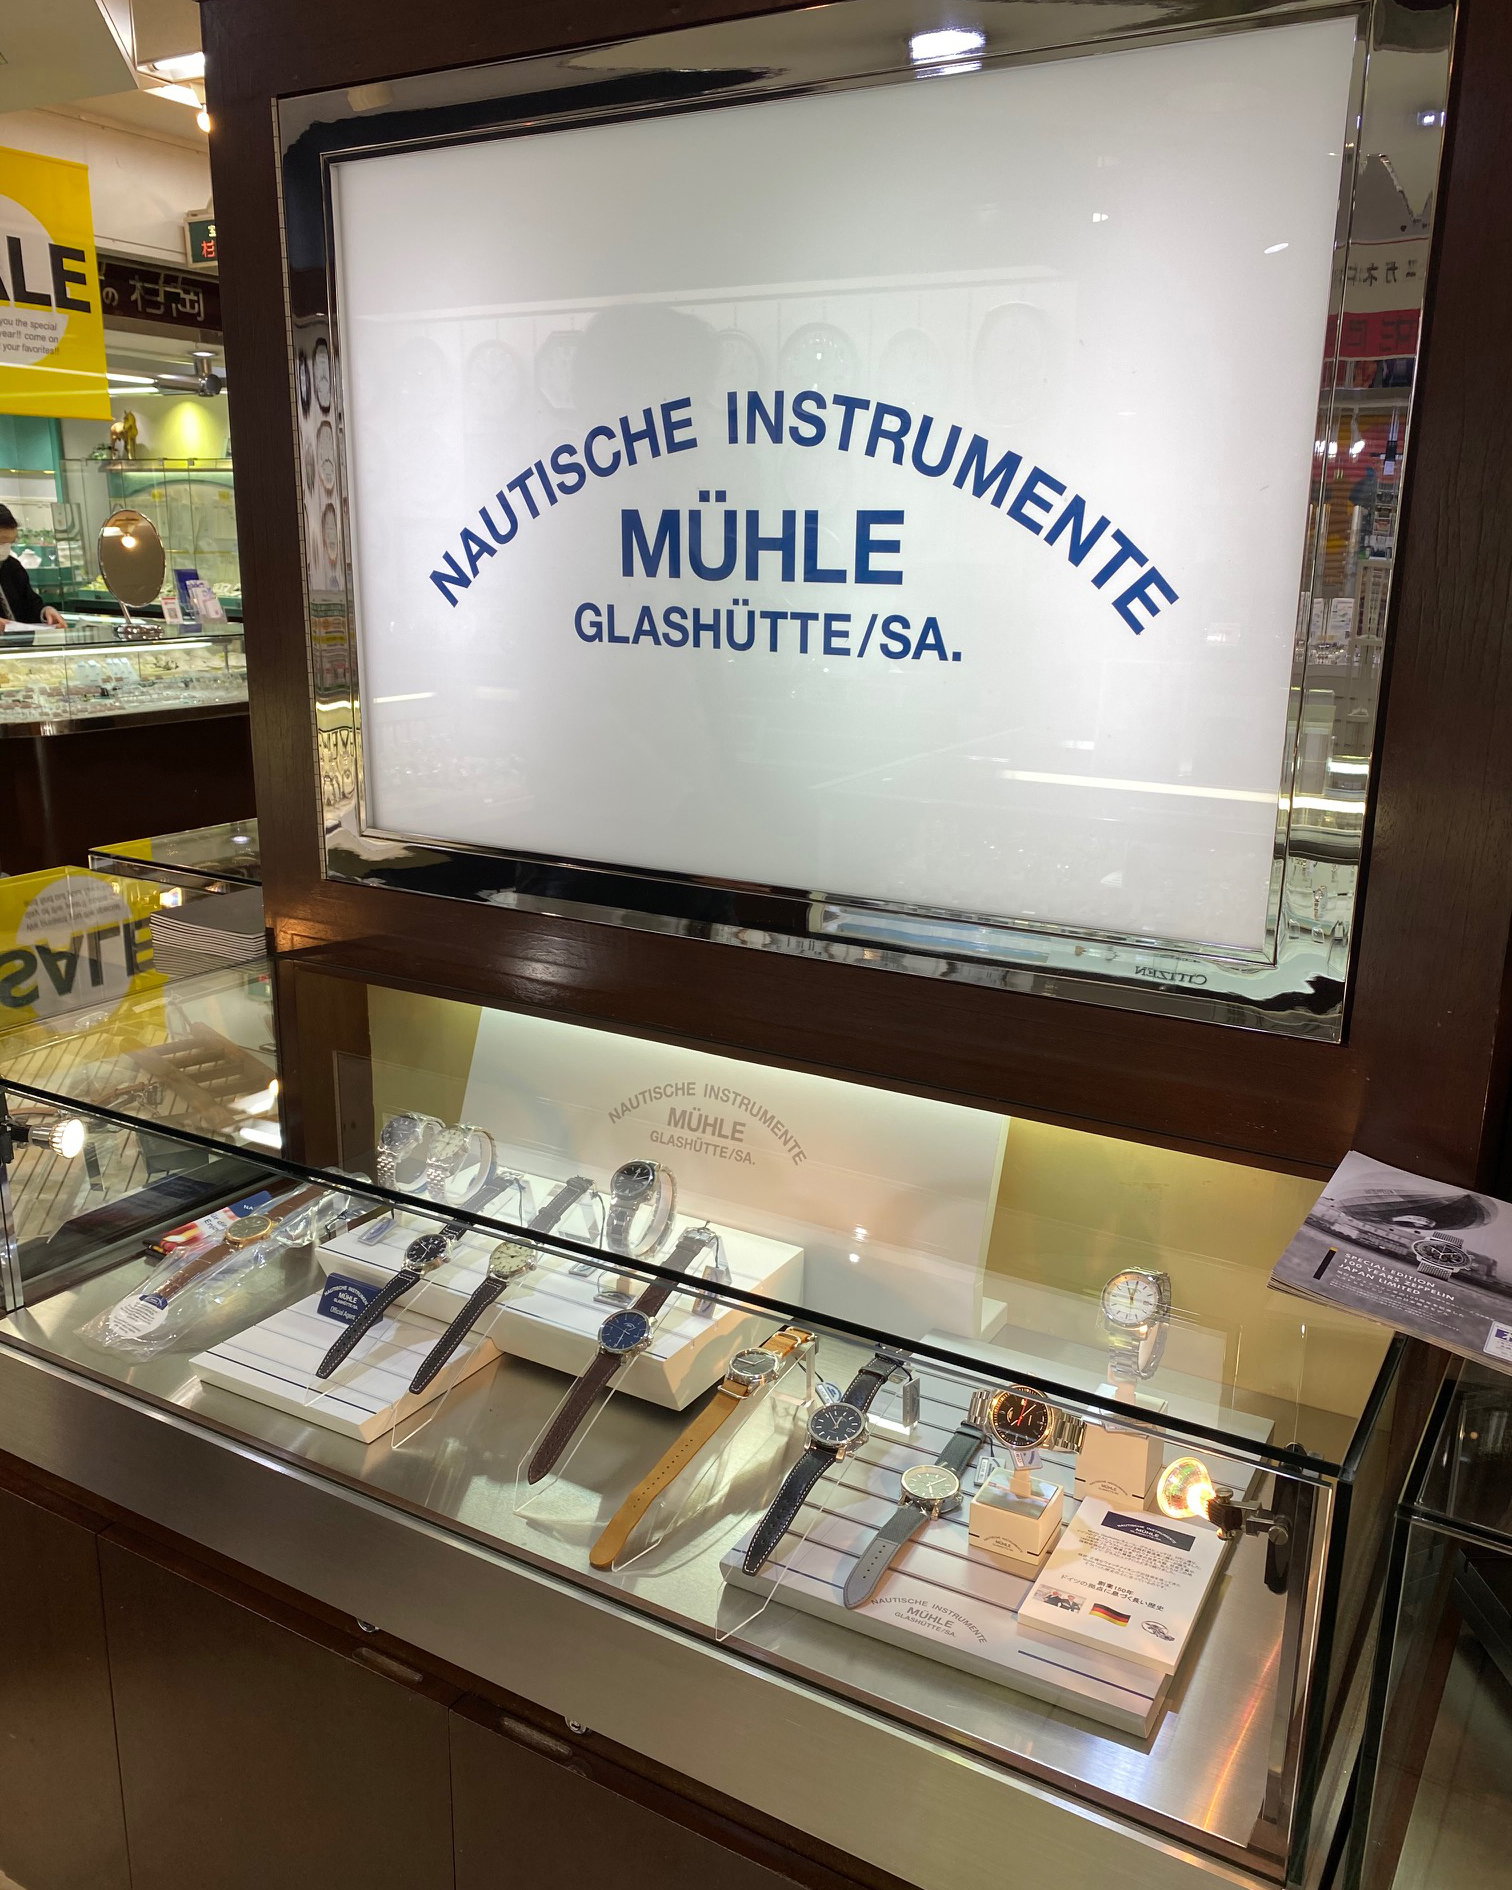 杉岡時計店 Mühle Glashütte ミューレ・グラスヒュッテ